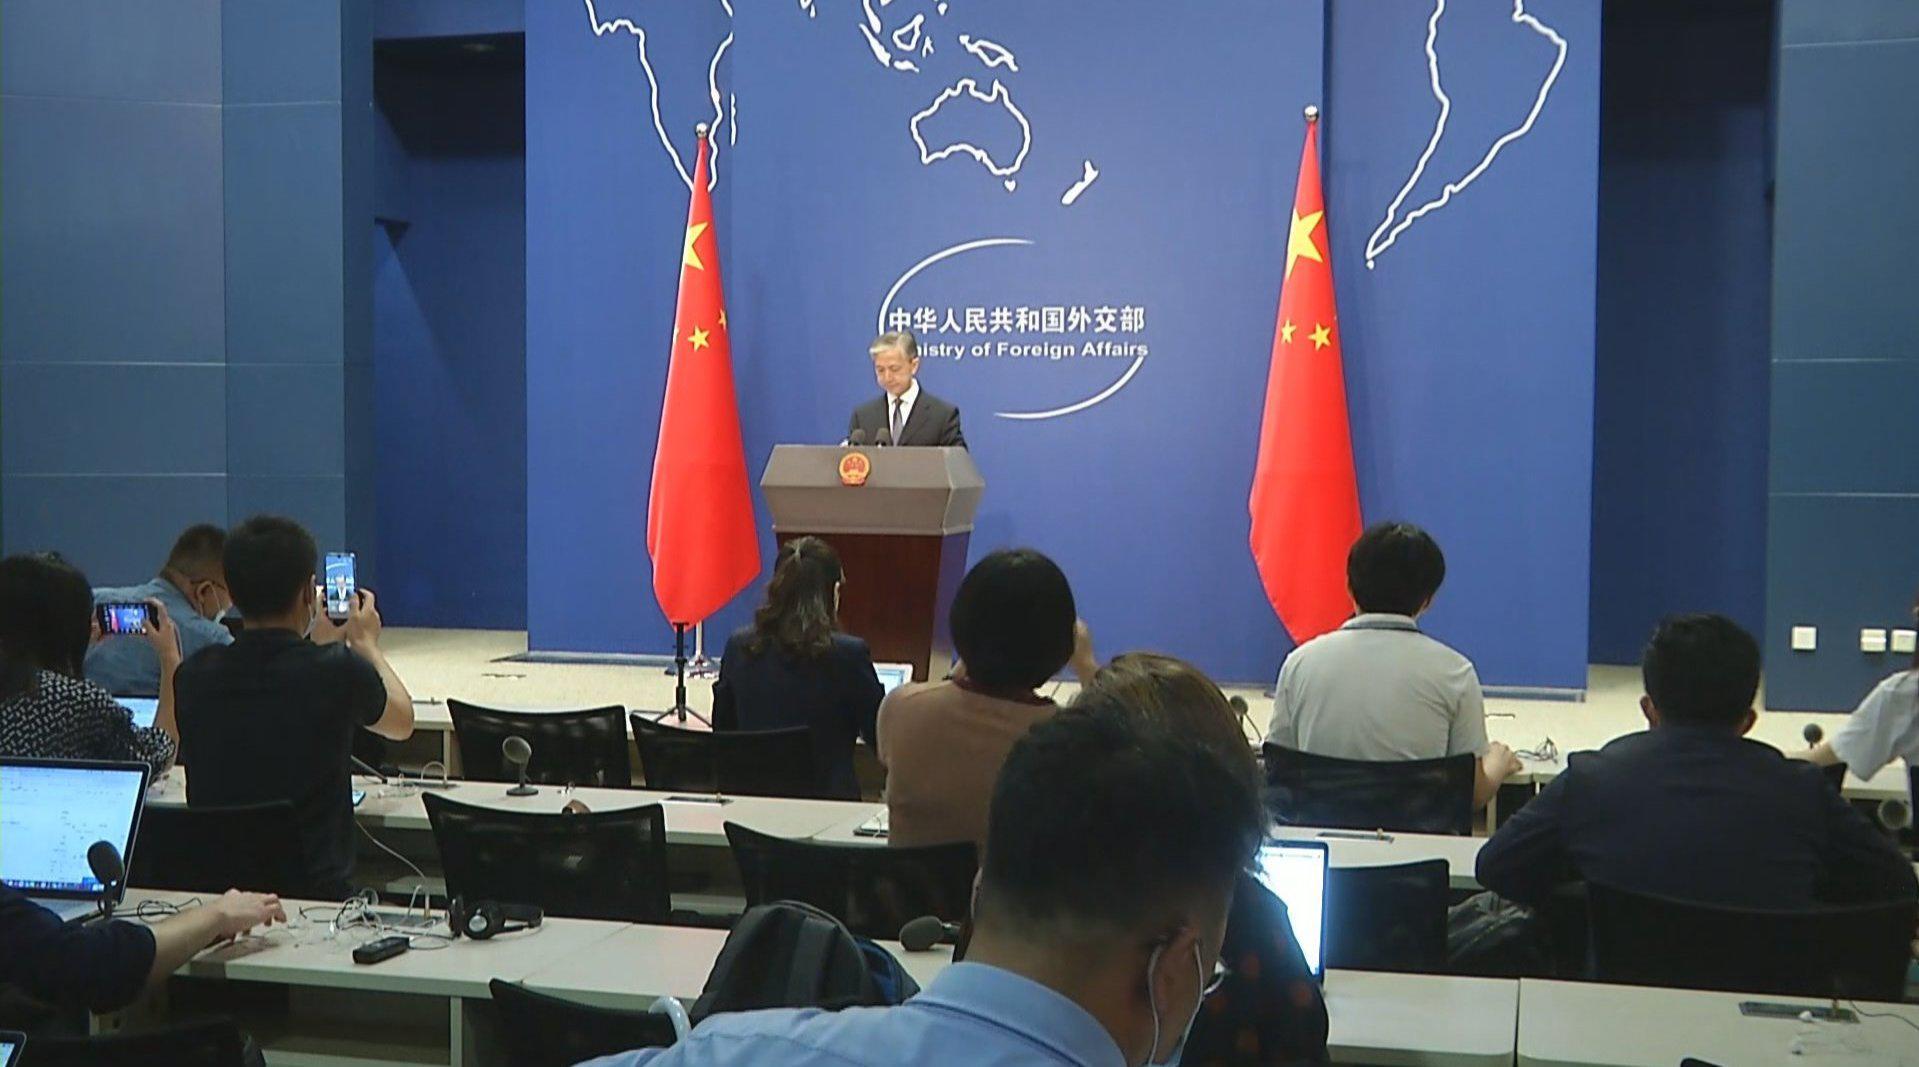 外交部:敦促美方政客停止干涉包括香港事务在内的中国内政